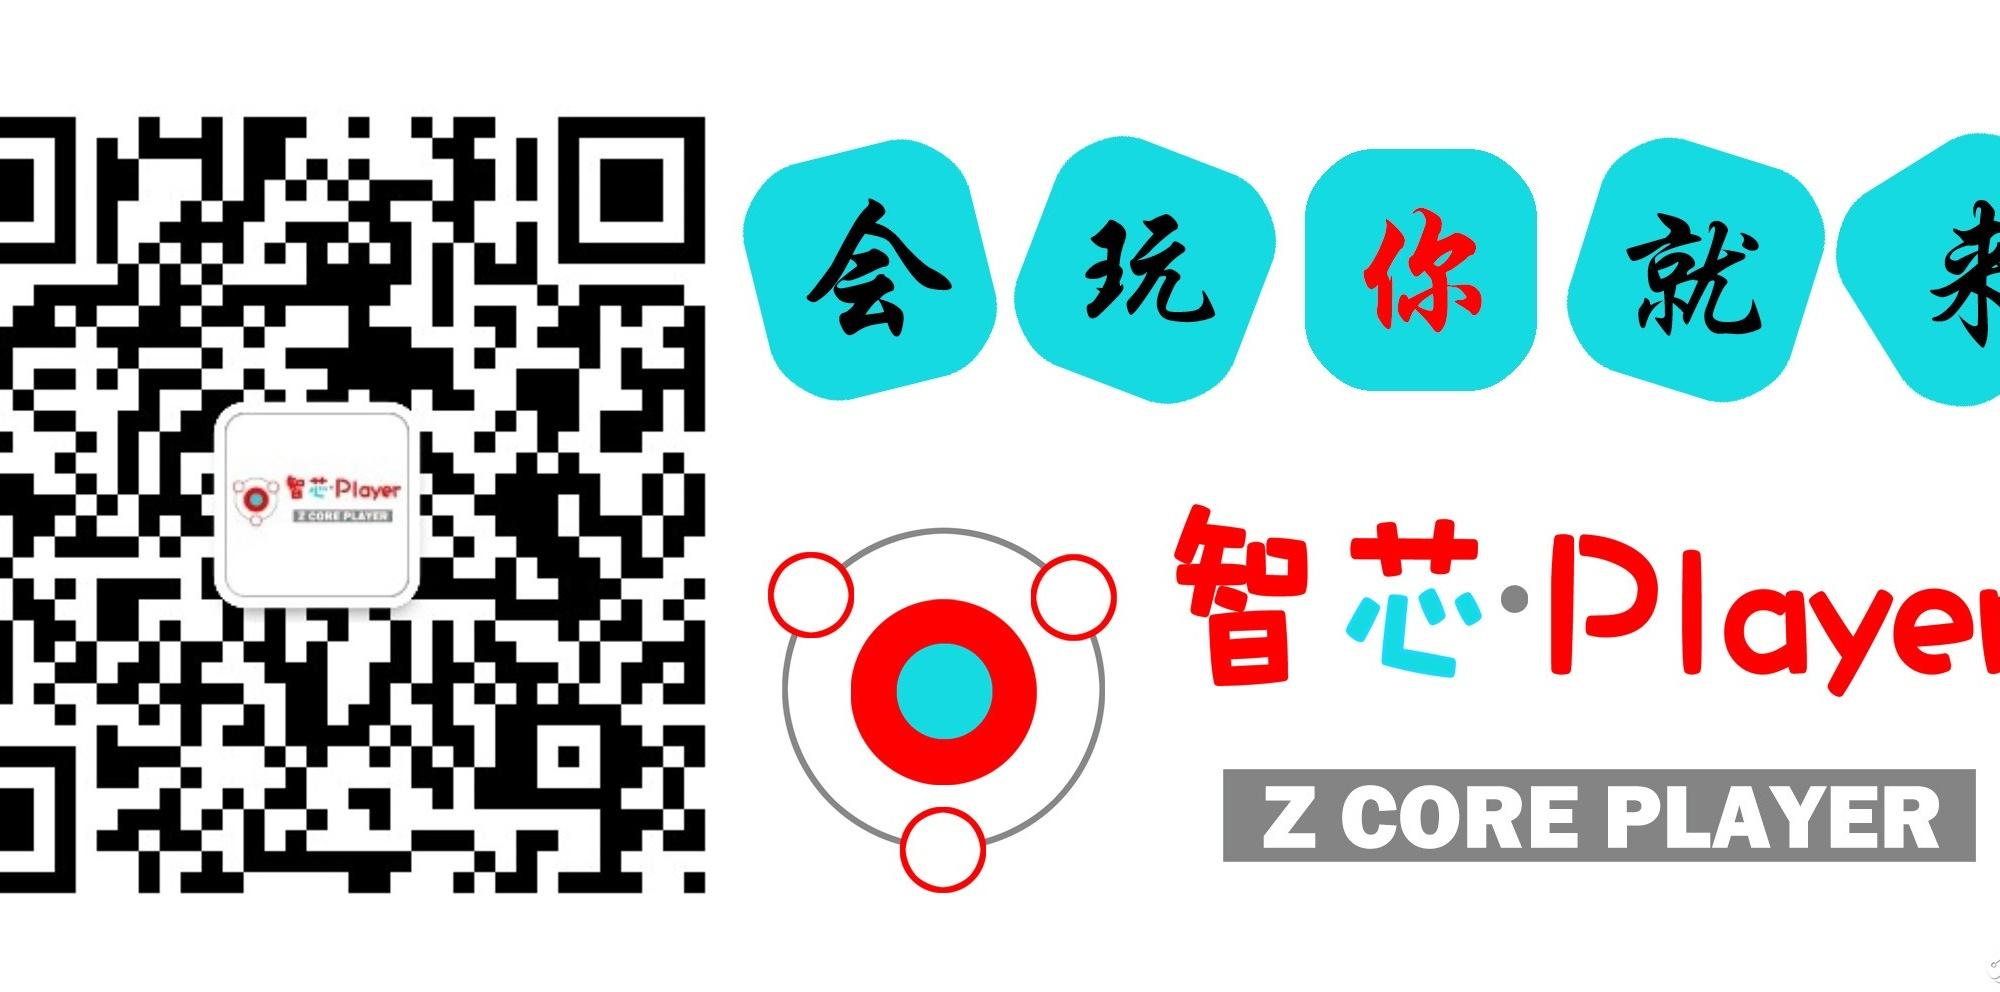 【Toybrick RK3399Pro AI开发板试用体验】ACT Ⅳ:装载USB摄像头